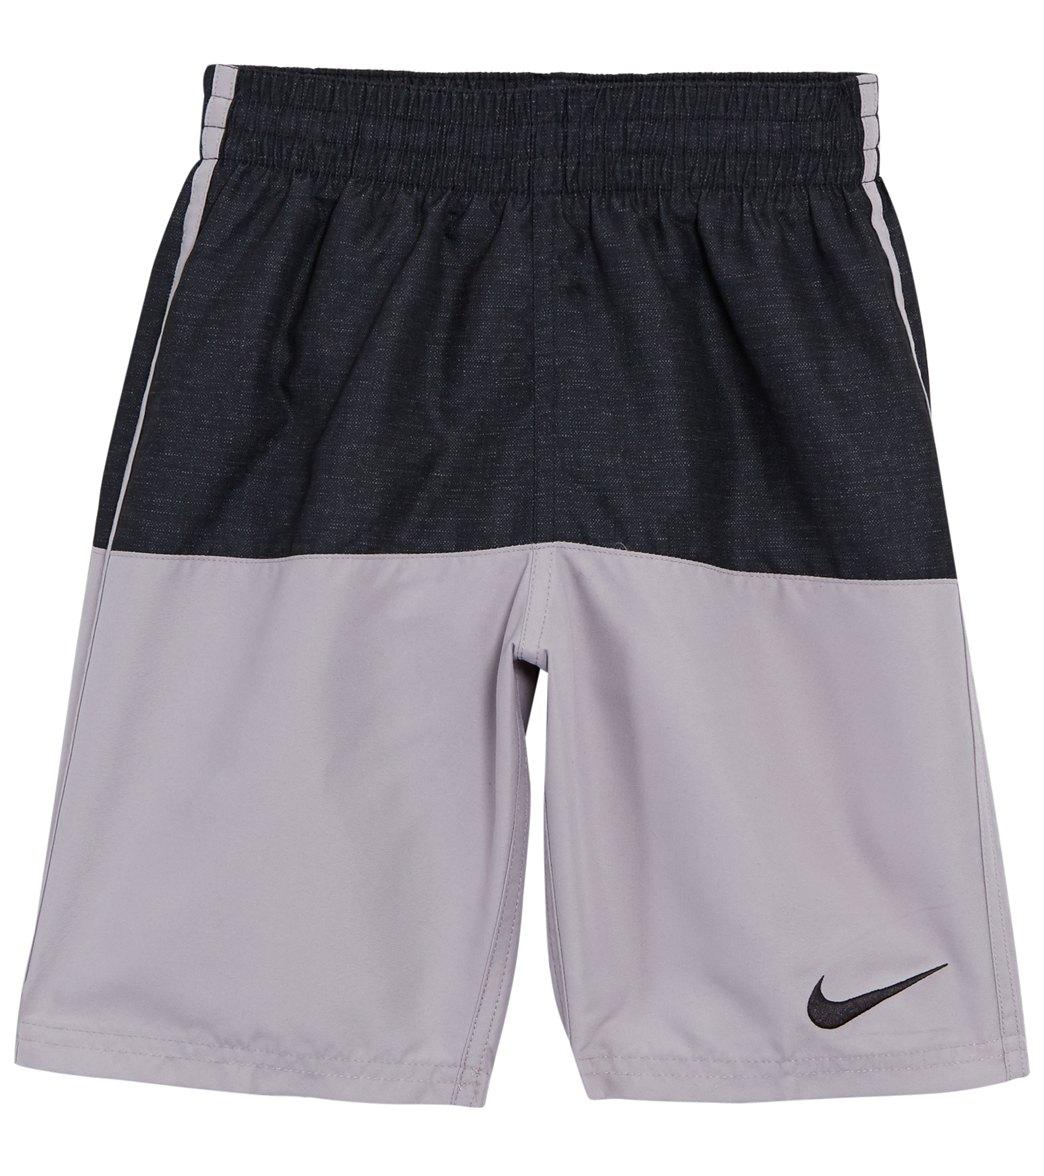 f2ffd0ee96 Nike Boys' 17